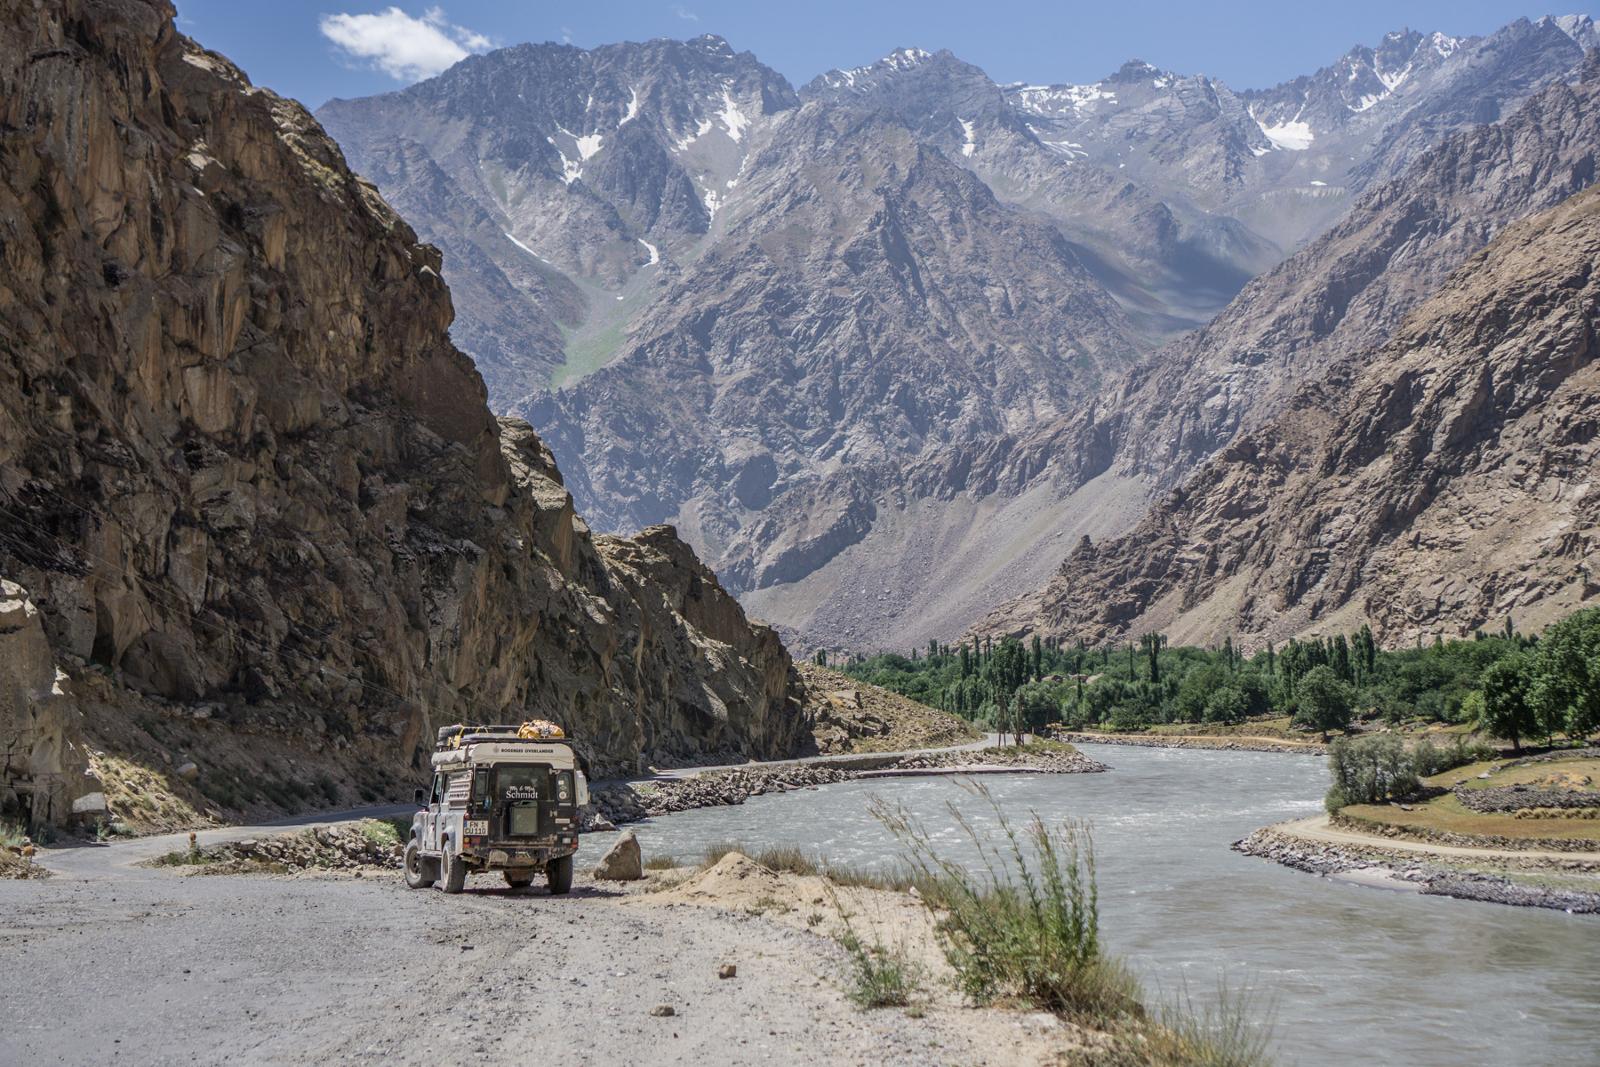 Bodensee-Overlander - Mehrere Tage sind wir an der afghanischen Grenze entlang gefahren - links Tadschikistan, rechts Afghanistan.